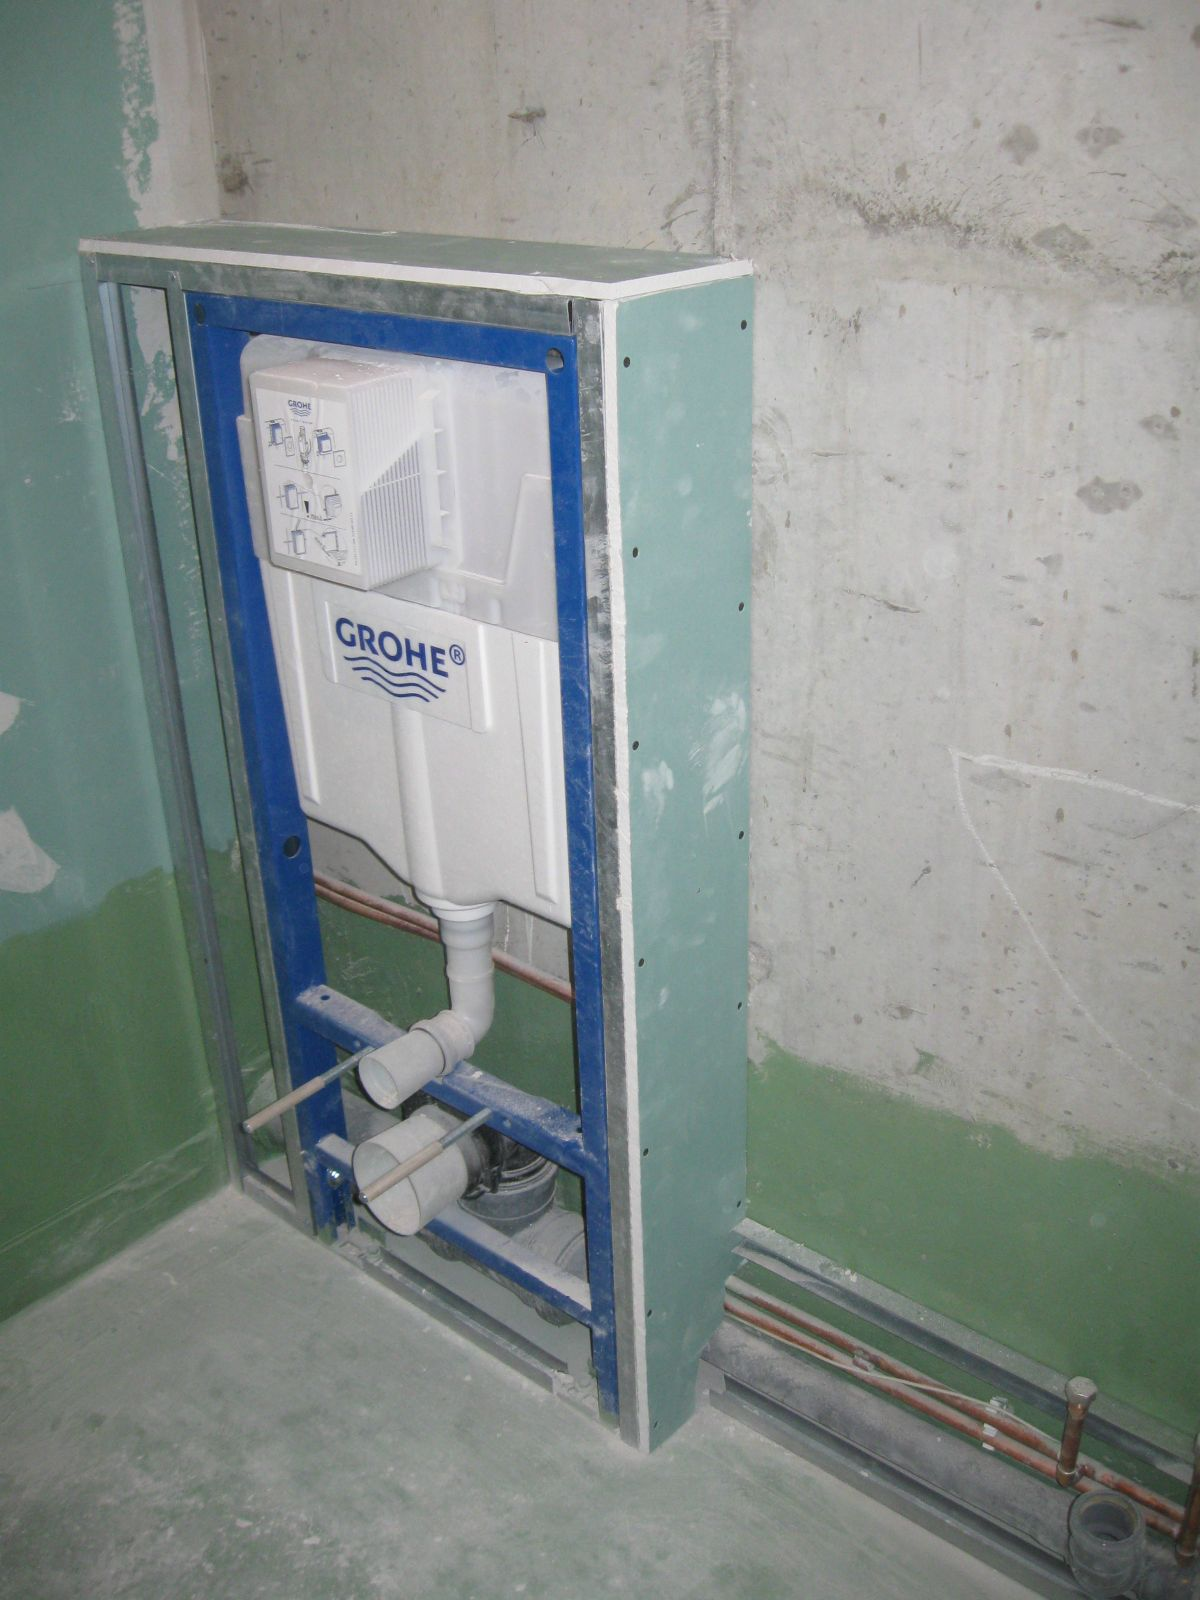 Прежде чем делать такие фото вспомните как работают туалеты в поезде